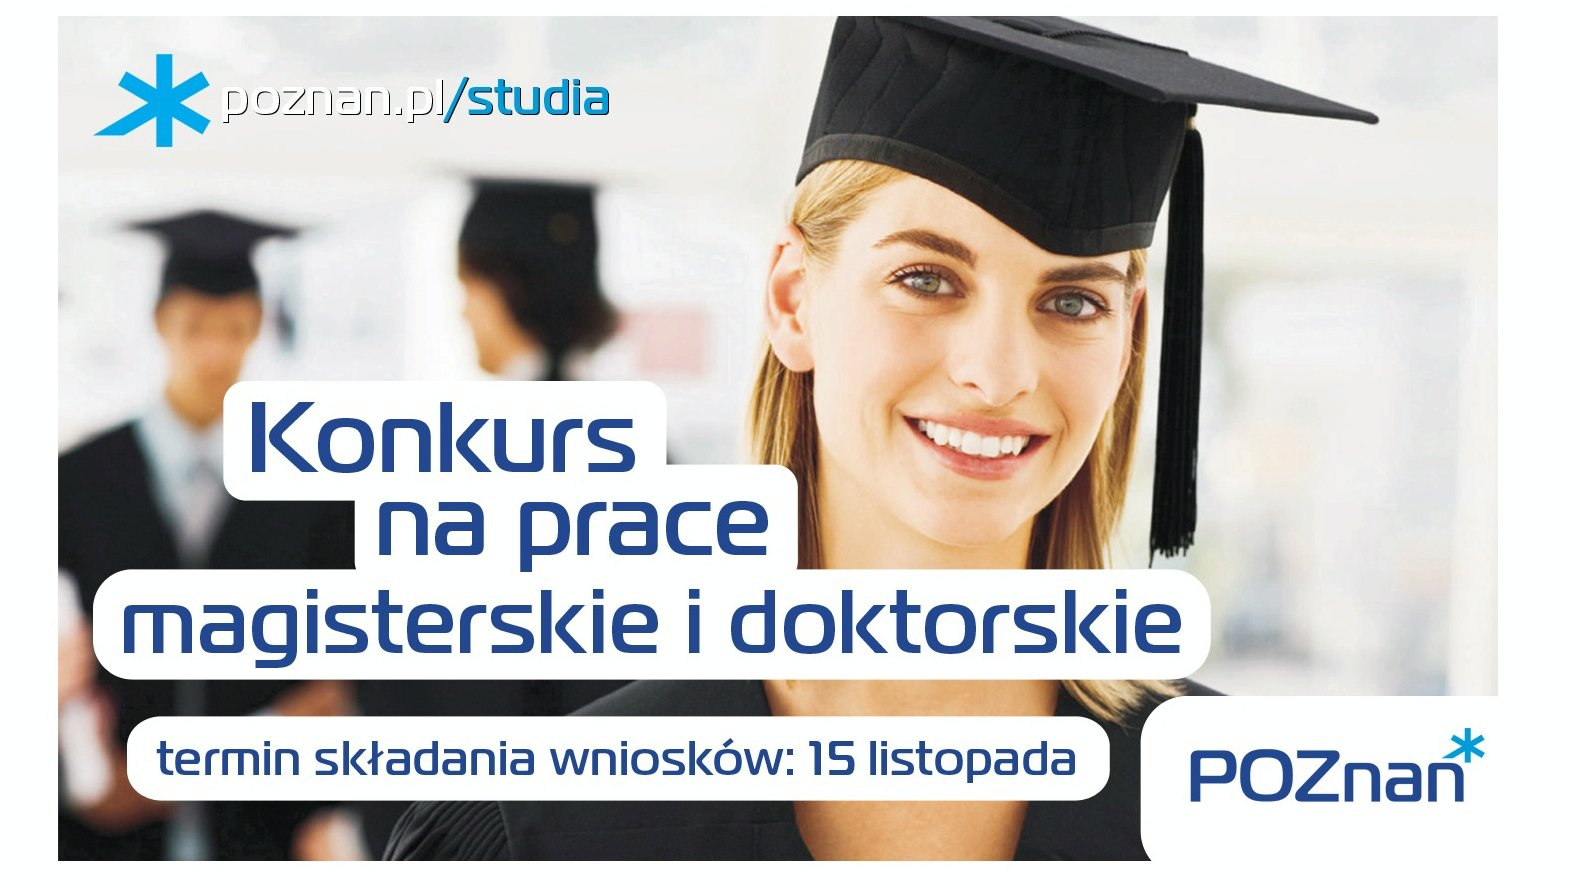 Nagroda Miasta Poznania za wyróżniające się prace doktorskie i magisterskie